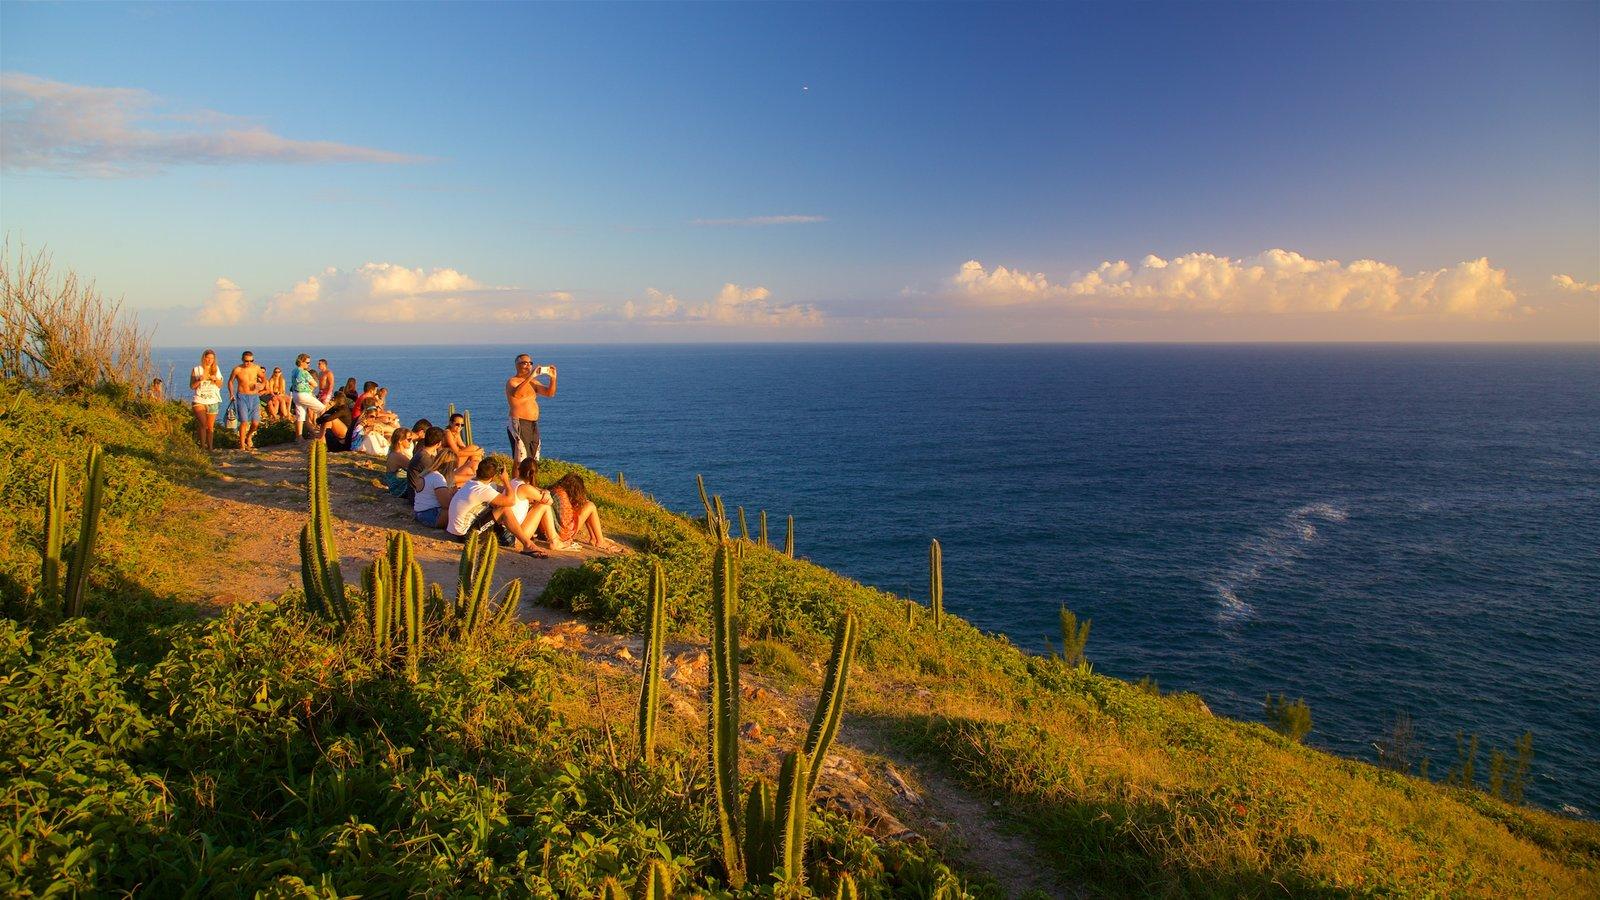 Mirante do Pontal do Atalaia caracterizando paisagens litorâneas e um pôr do sol assim como um pequeno grupo de pessoas